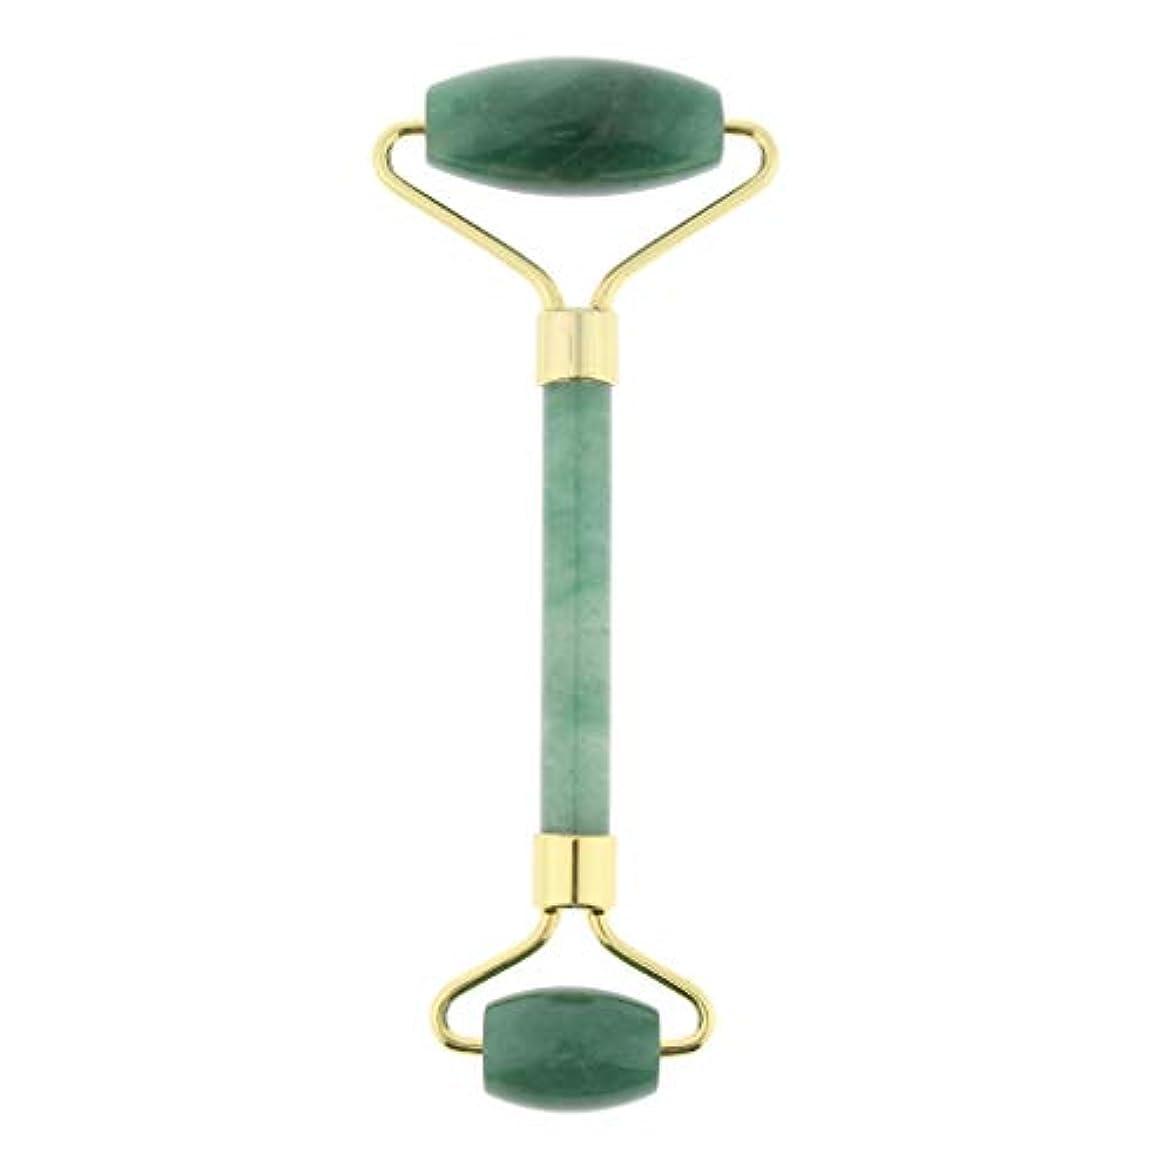 ジュース故障中こどもの宮殿マッサージローラー ストーン 手動マッサージャー 両端 4色選べ - 緑